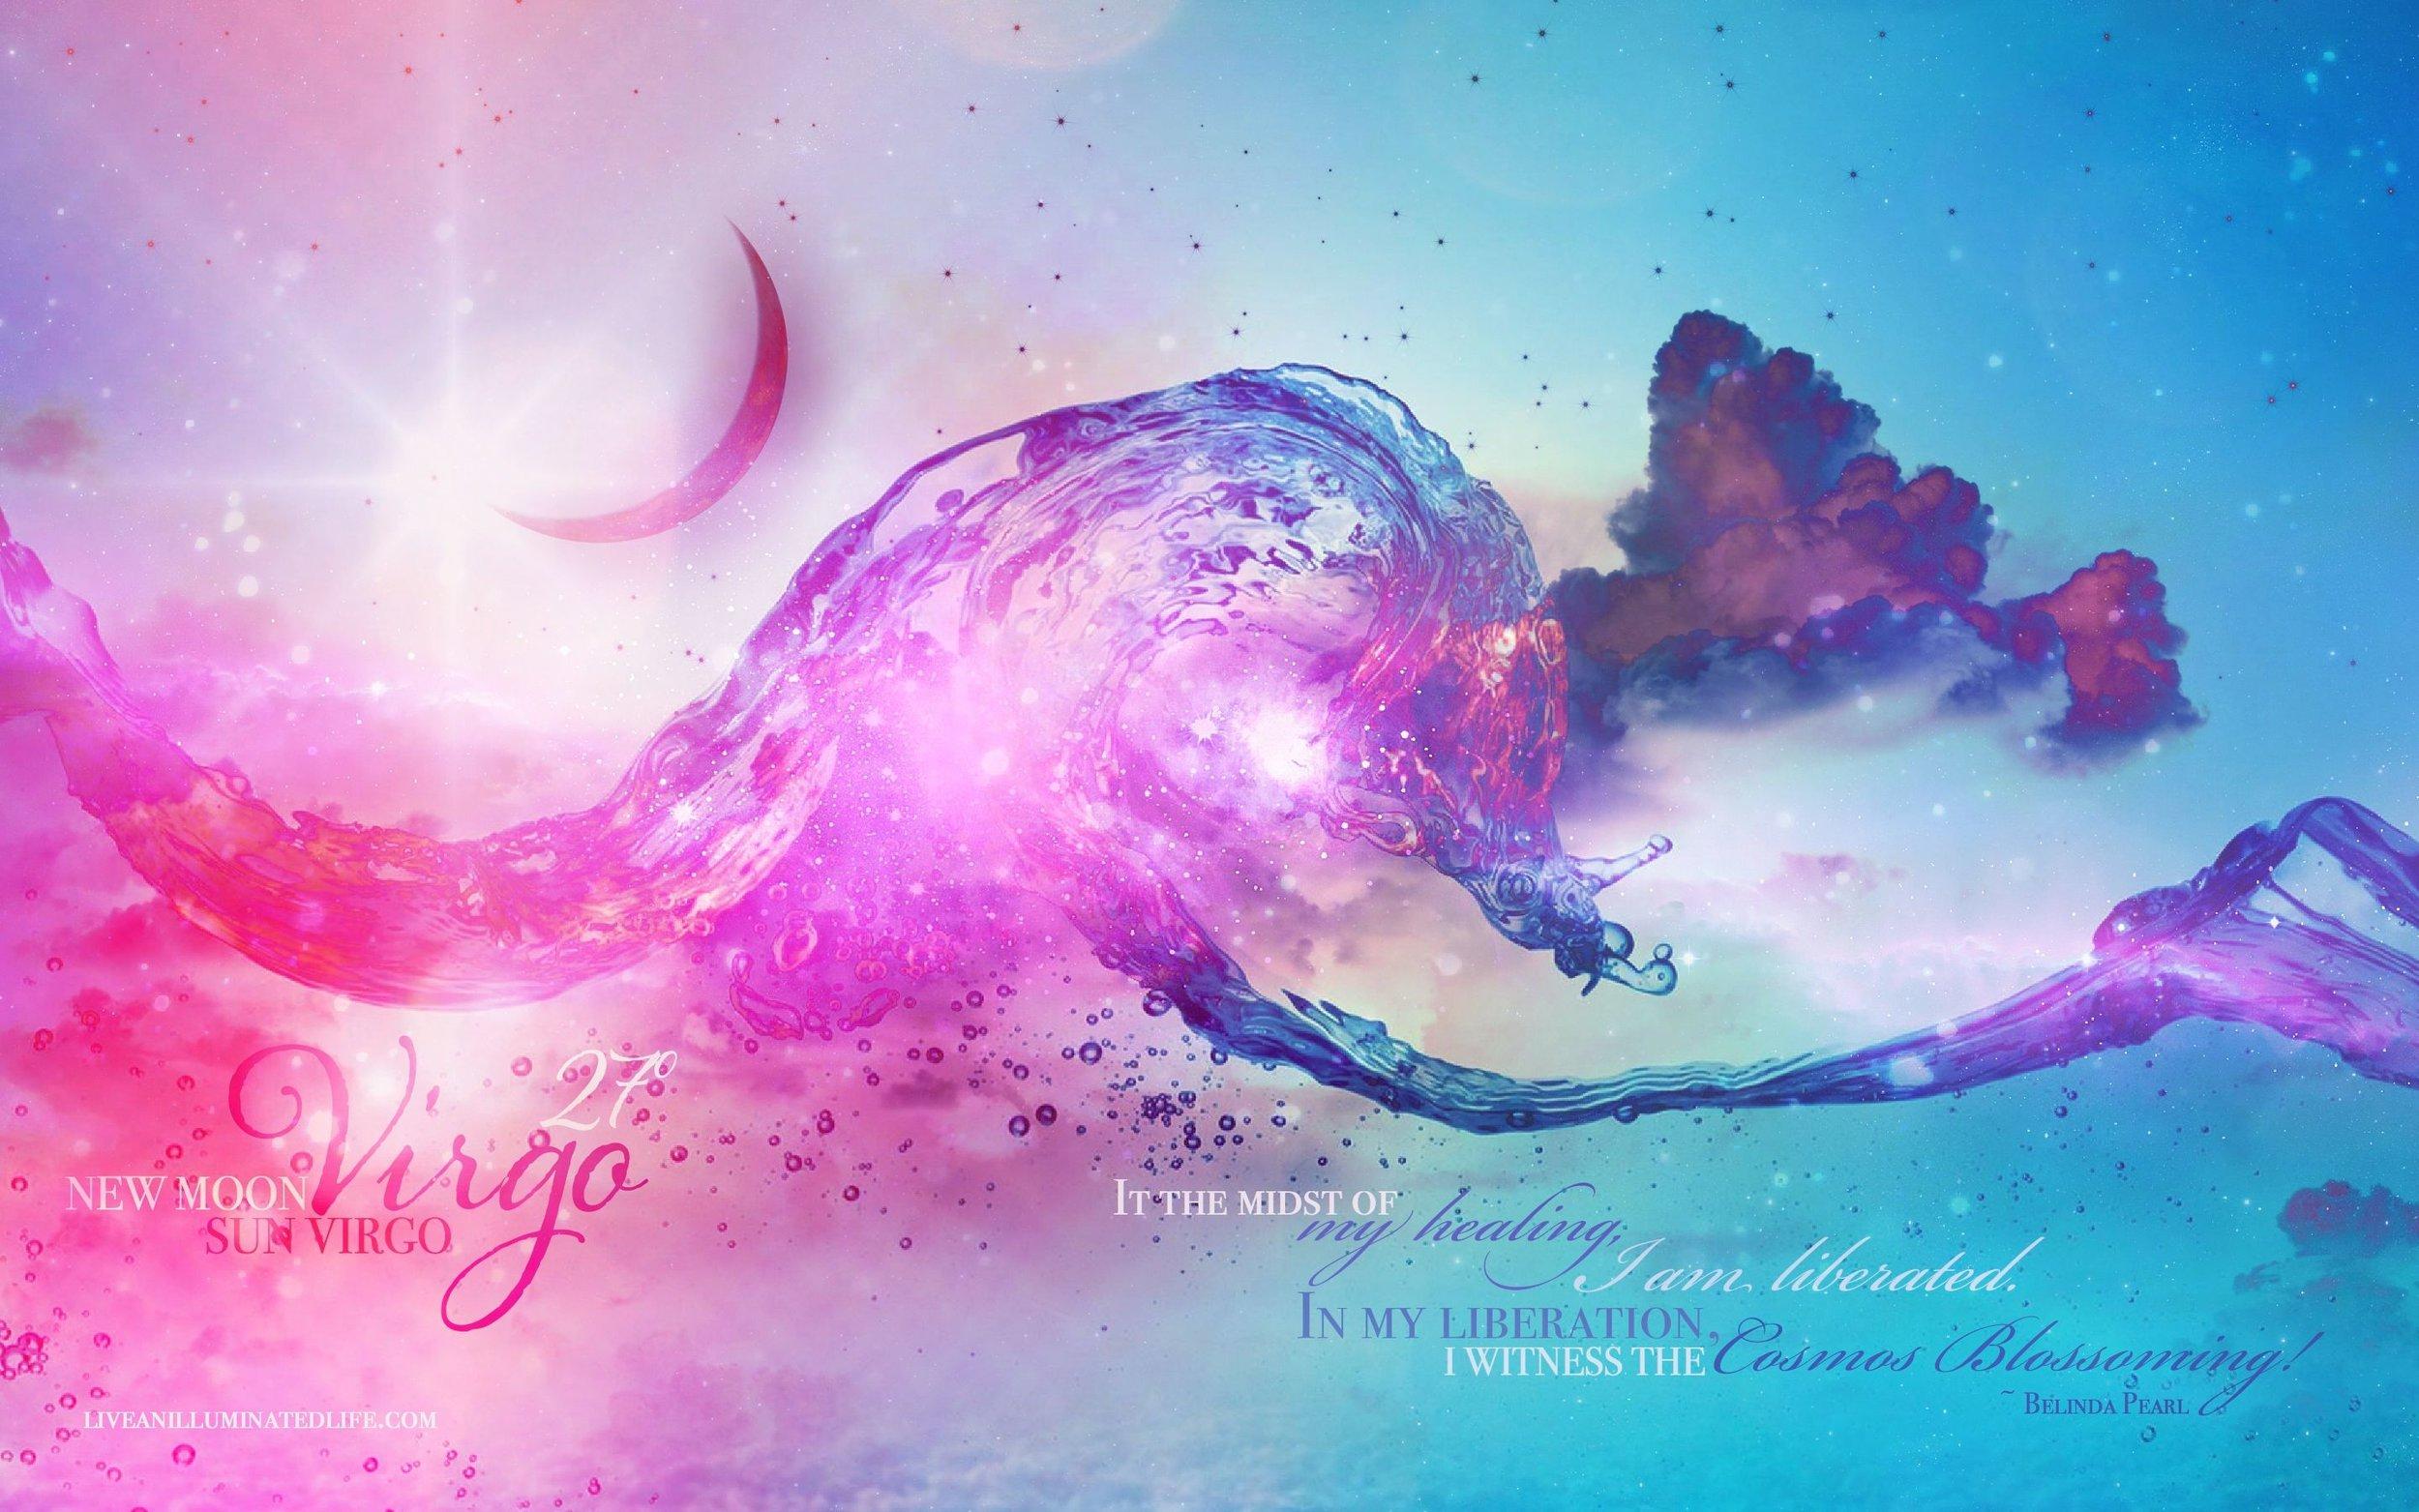 New Moon Virgo by Belinda Pearl